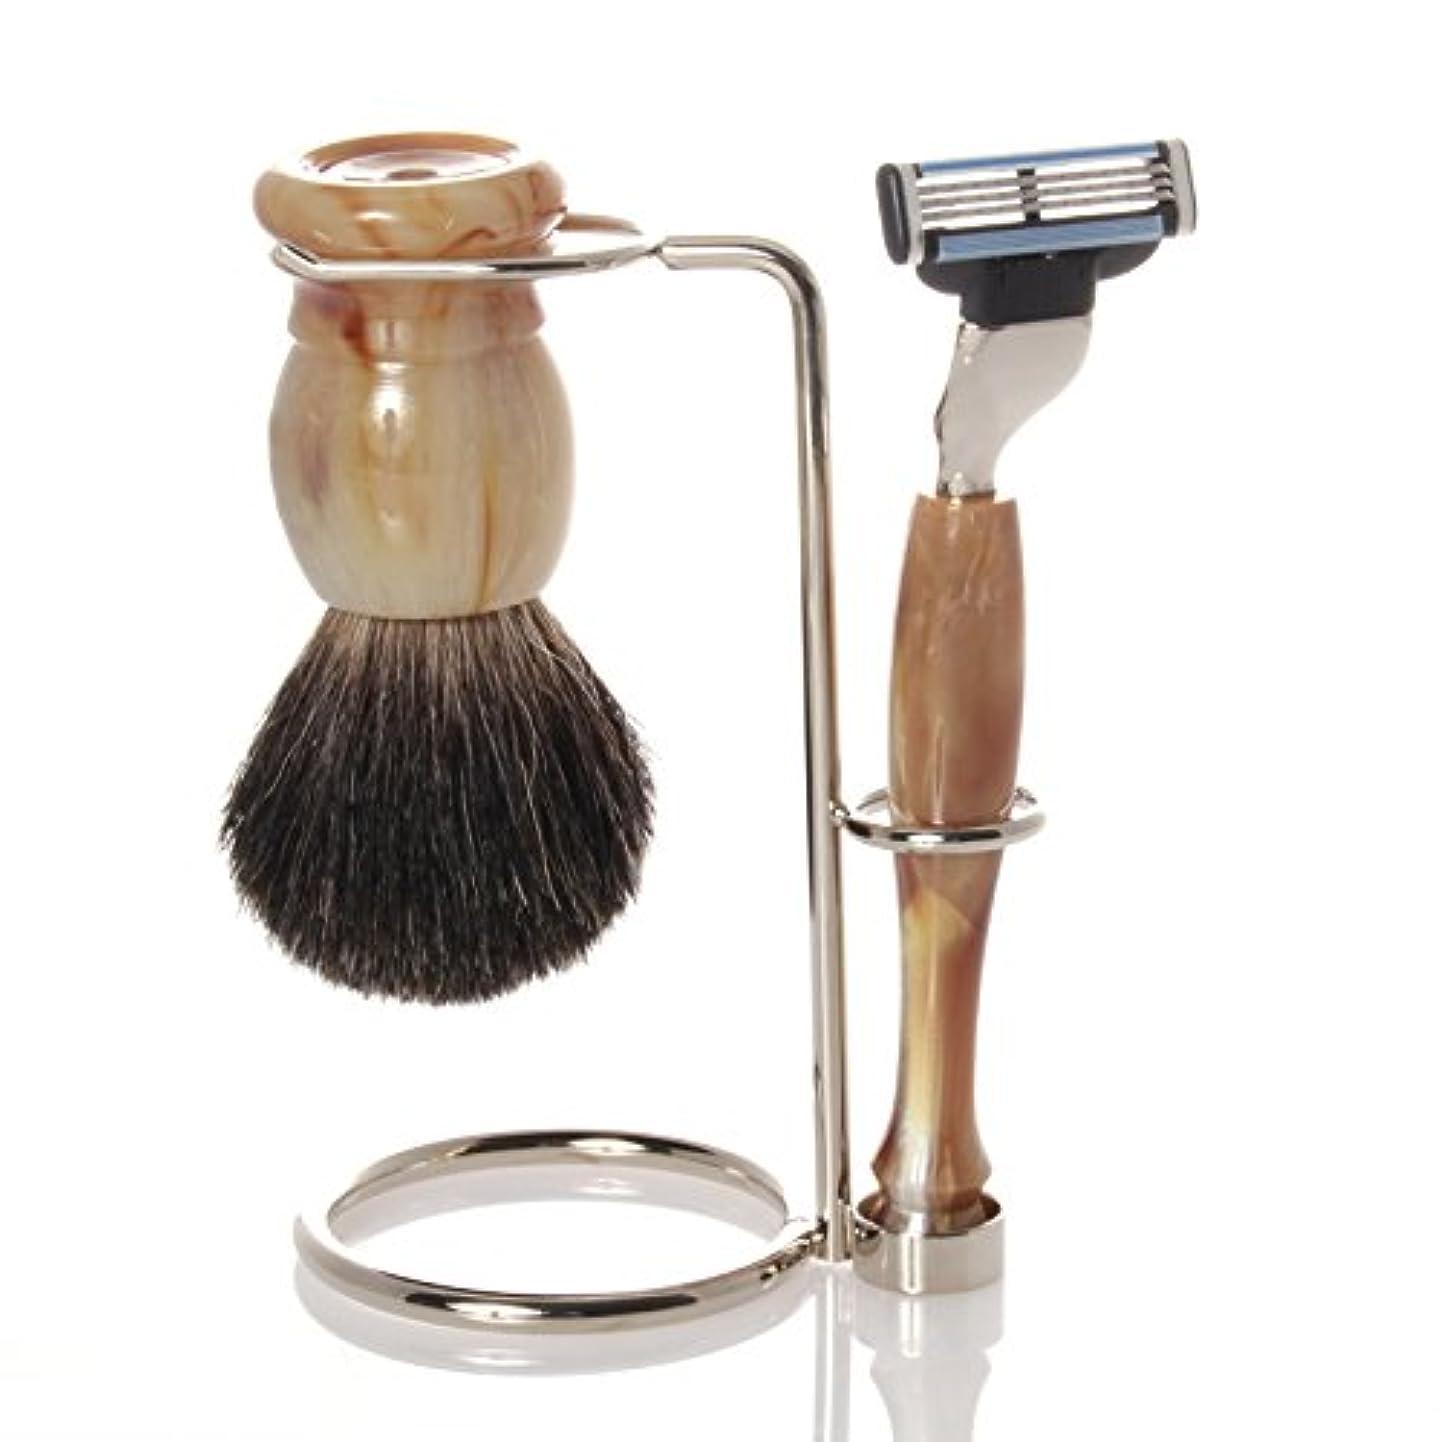 ラバ手がかりクローゼット髭剃りセット、ホルダー、グレー?オジャー?ブラシ、カミソリ- Hans Baier Exclusive